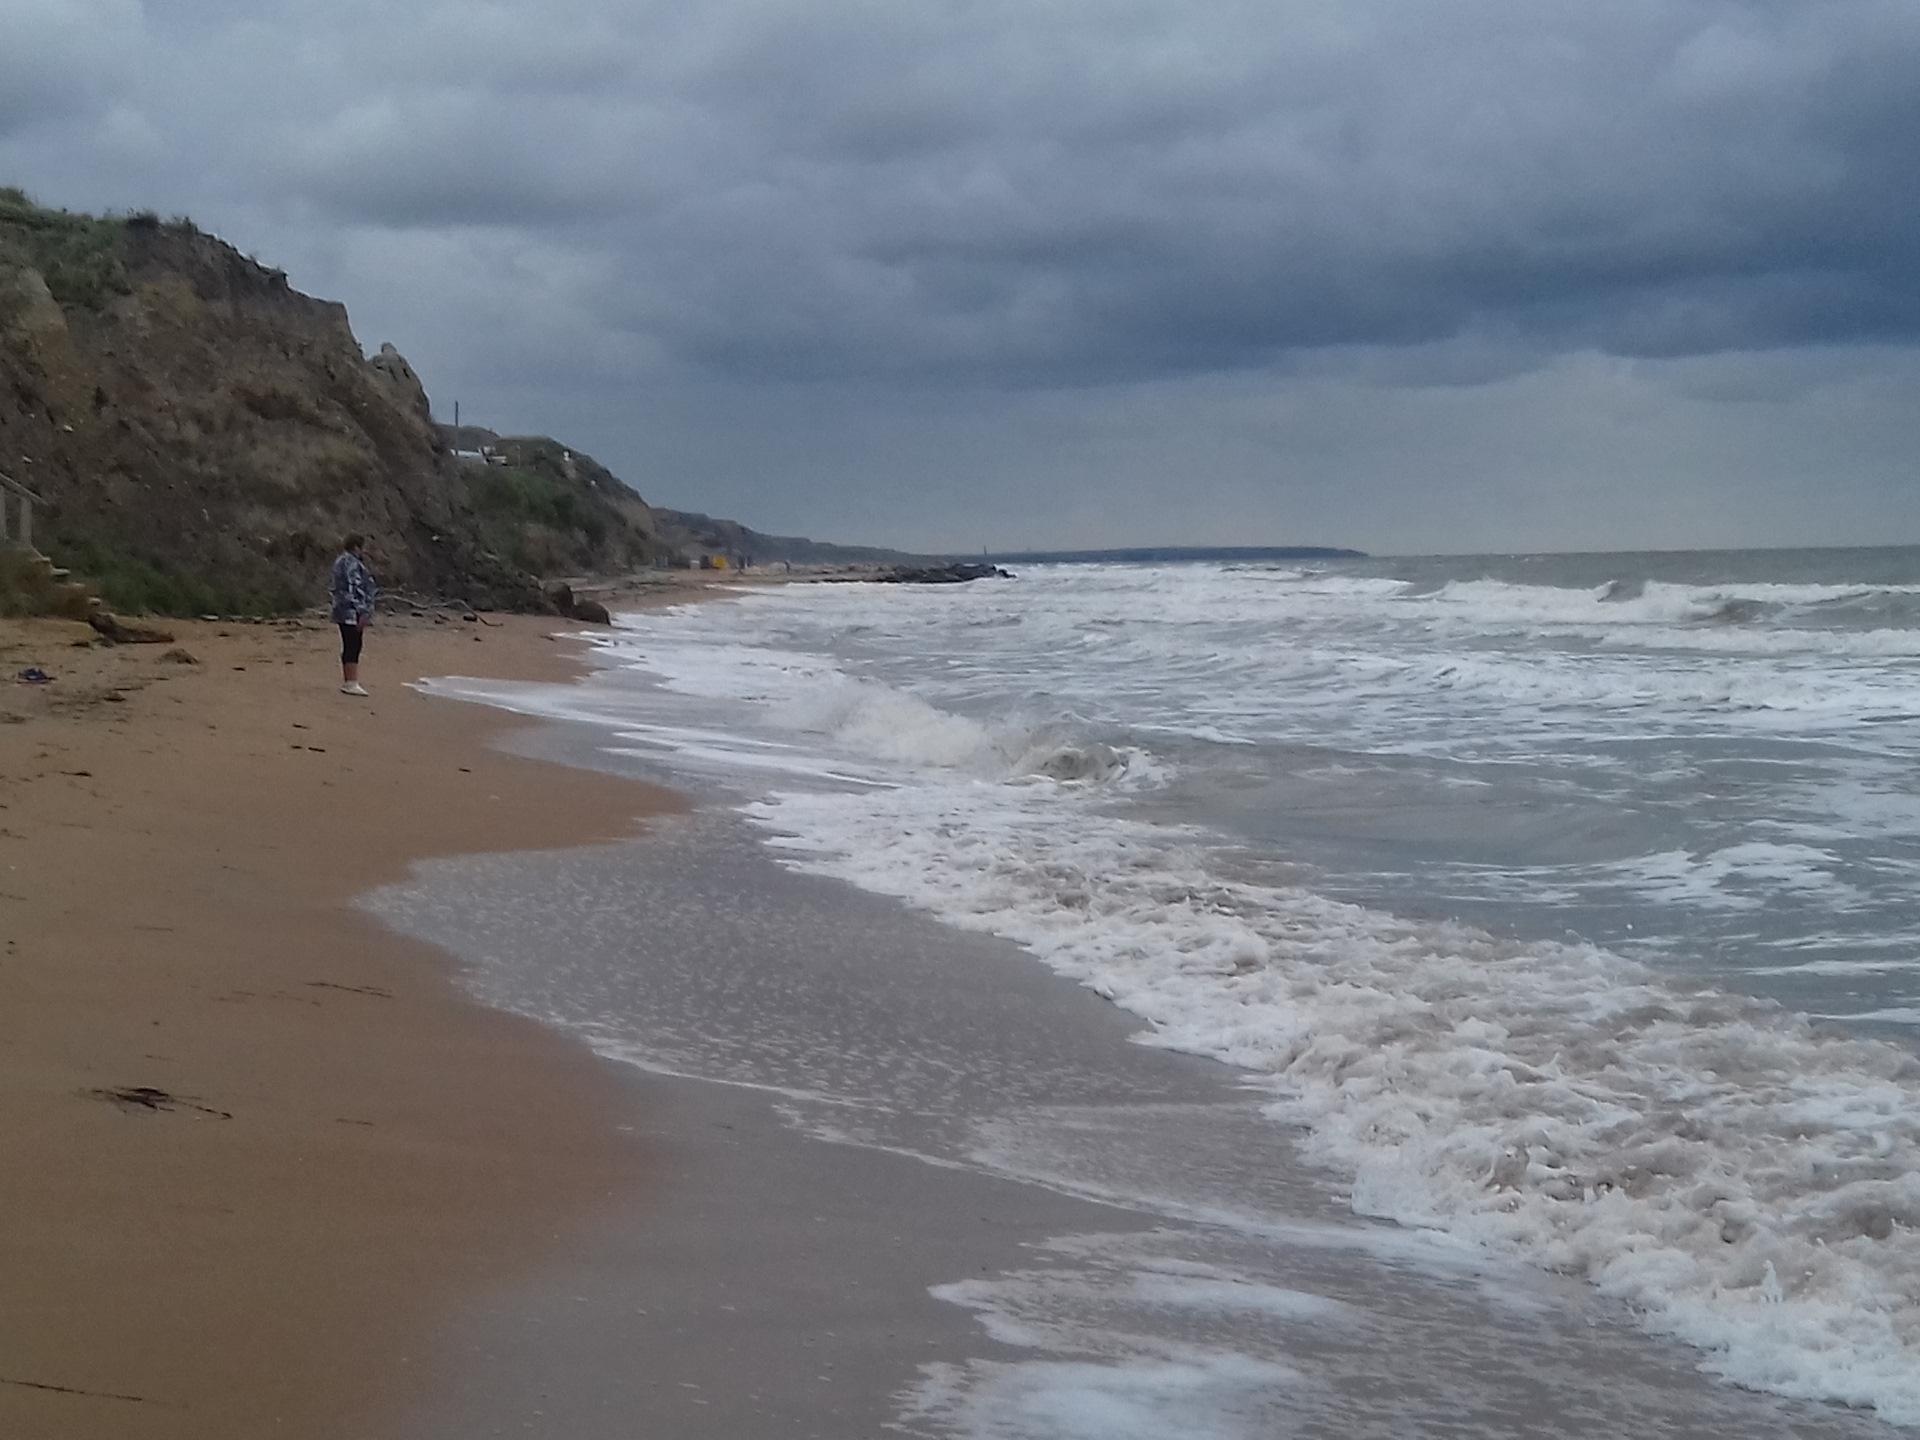 фото море зовет волна сказать, что хаббл